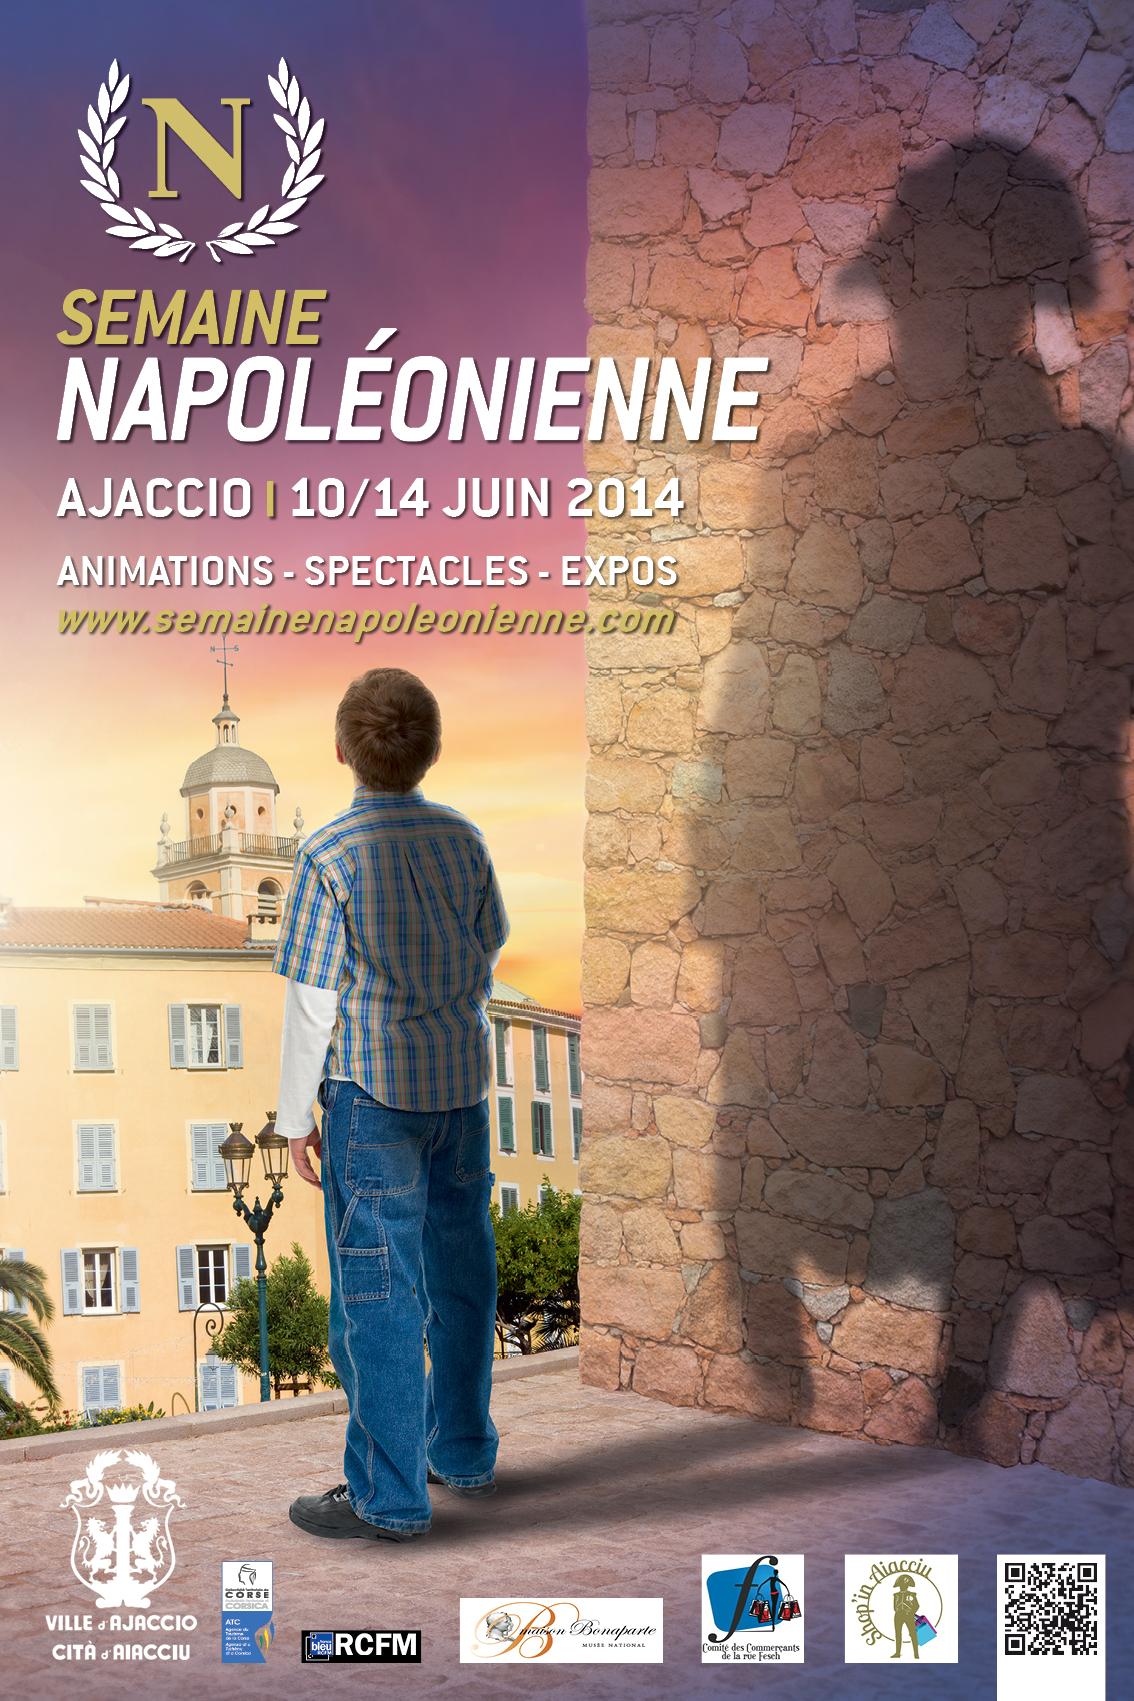 La Semaine Napoléonienne, du 10 au 14 juin